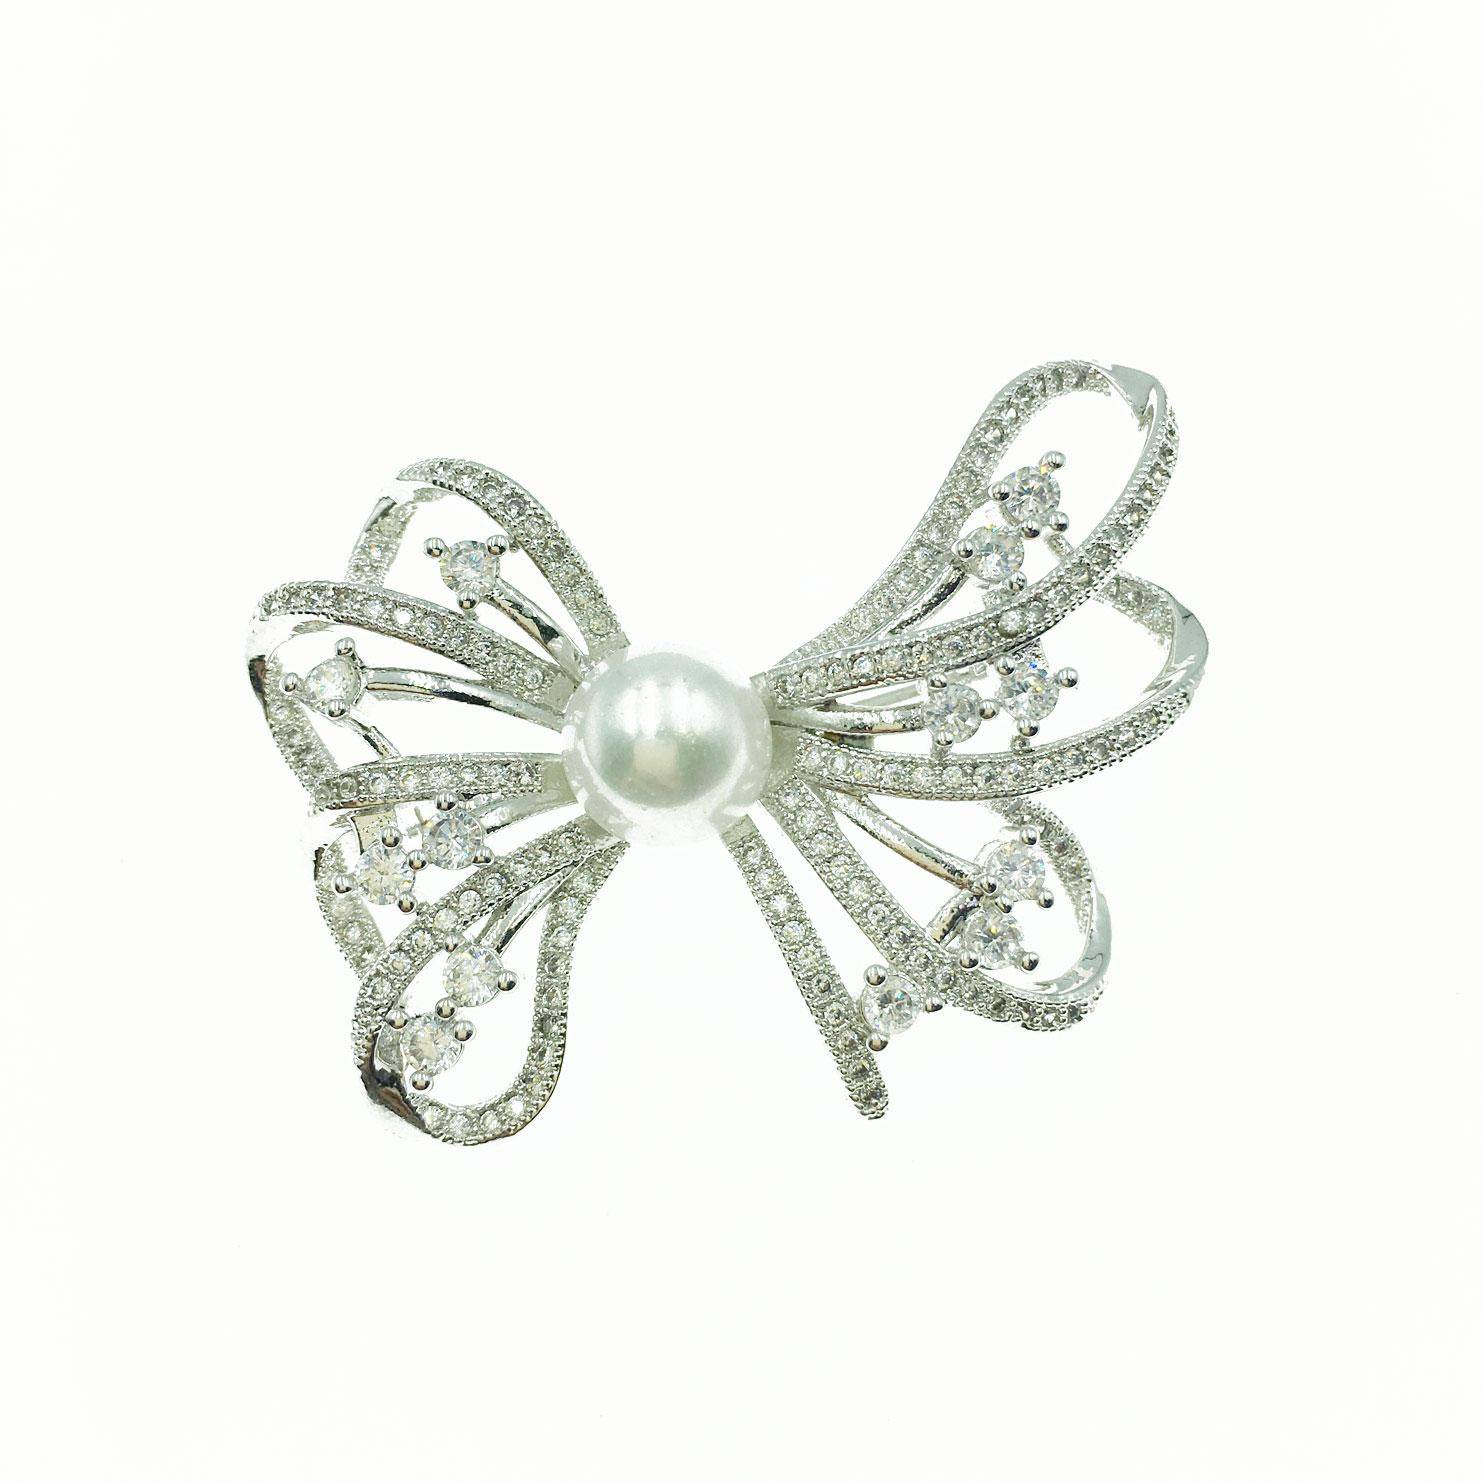 珍珠簍空蝴蝶結 水鑽邊 白鑽 銀色 別針 胸針 採用施華洛世奇水晶元素 Crystals from Swarovski